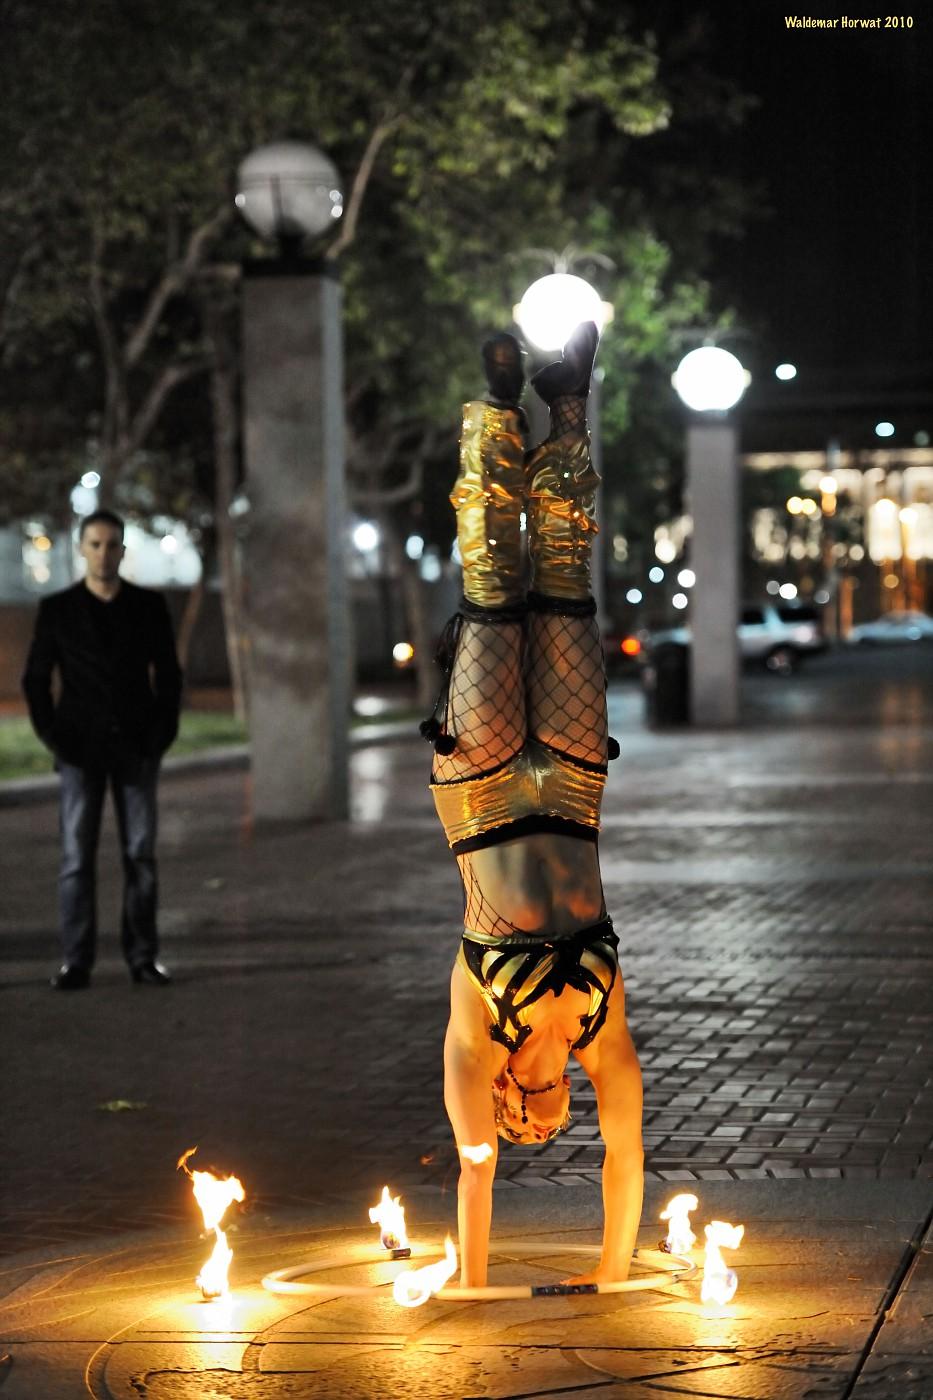 Fire Hoop Handstand